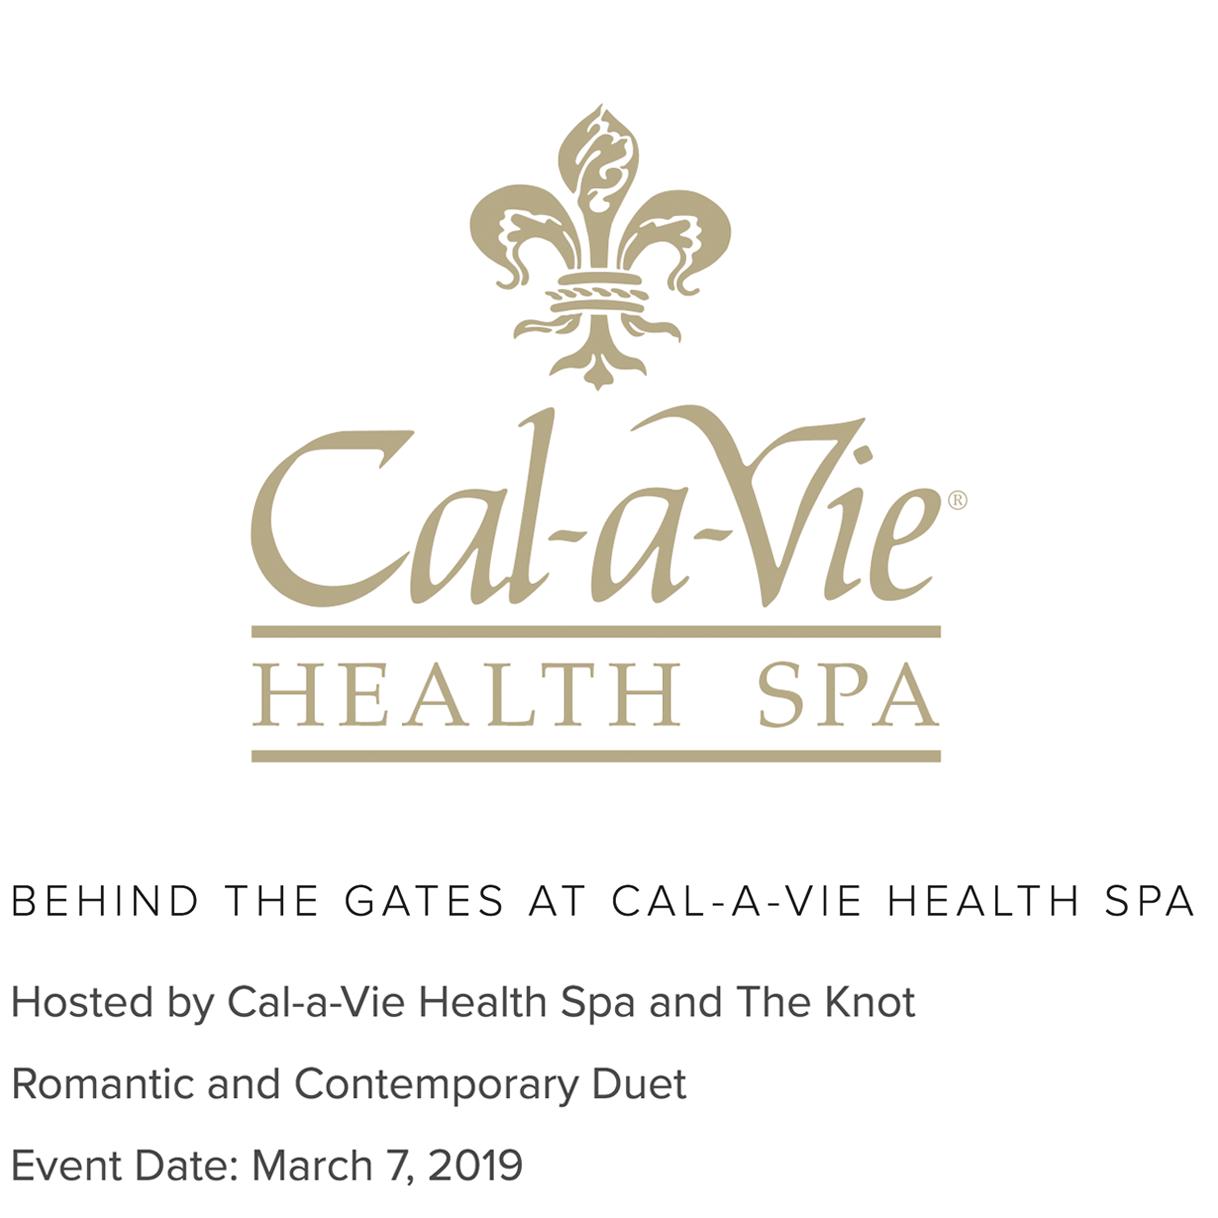 Cal-a-vie Health Spa.png